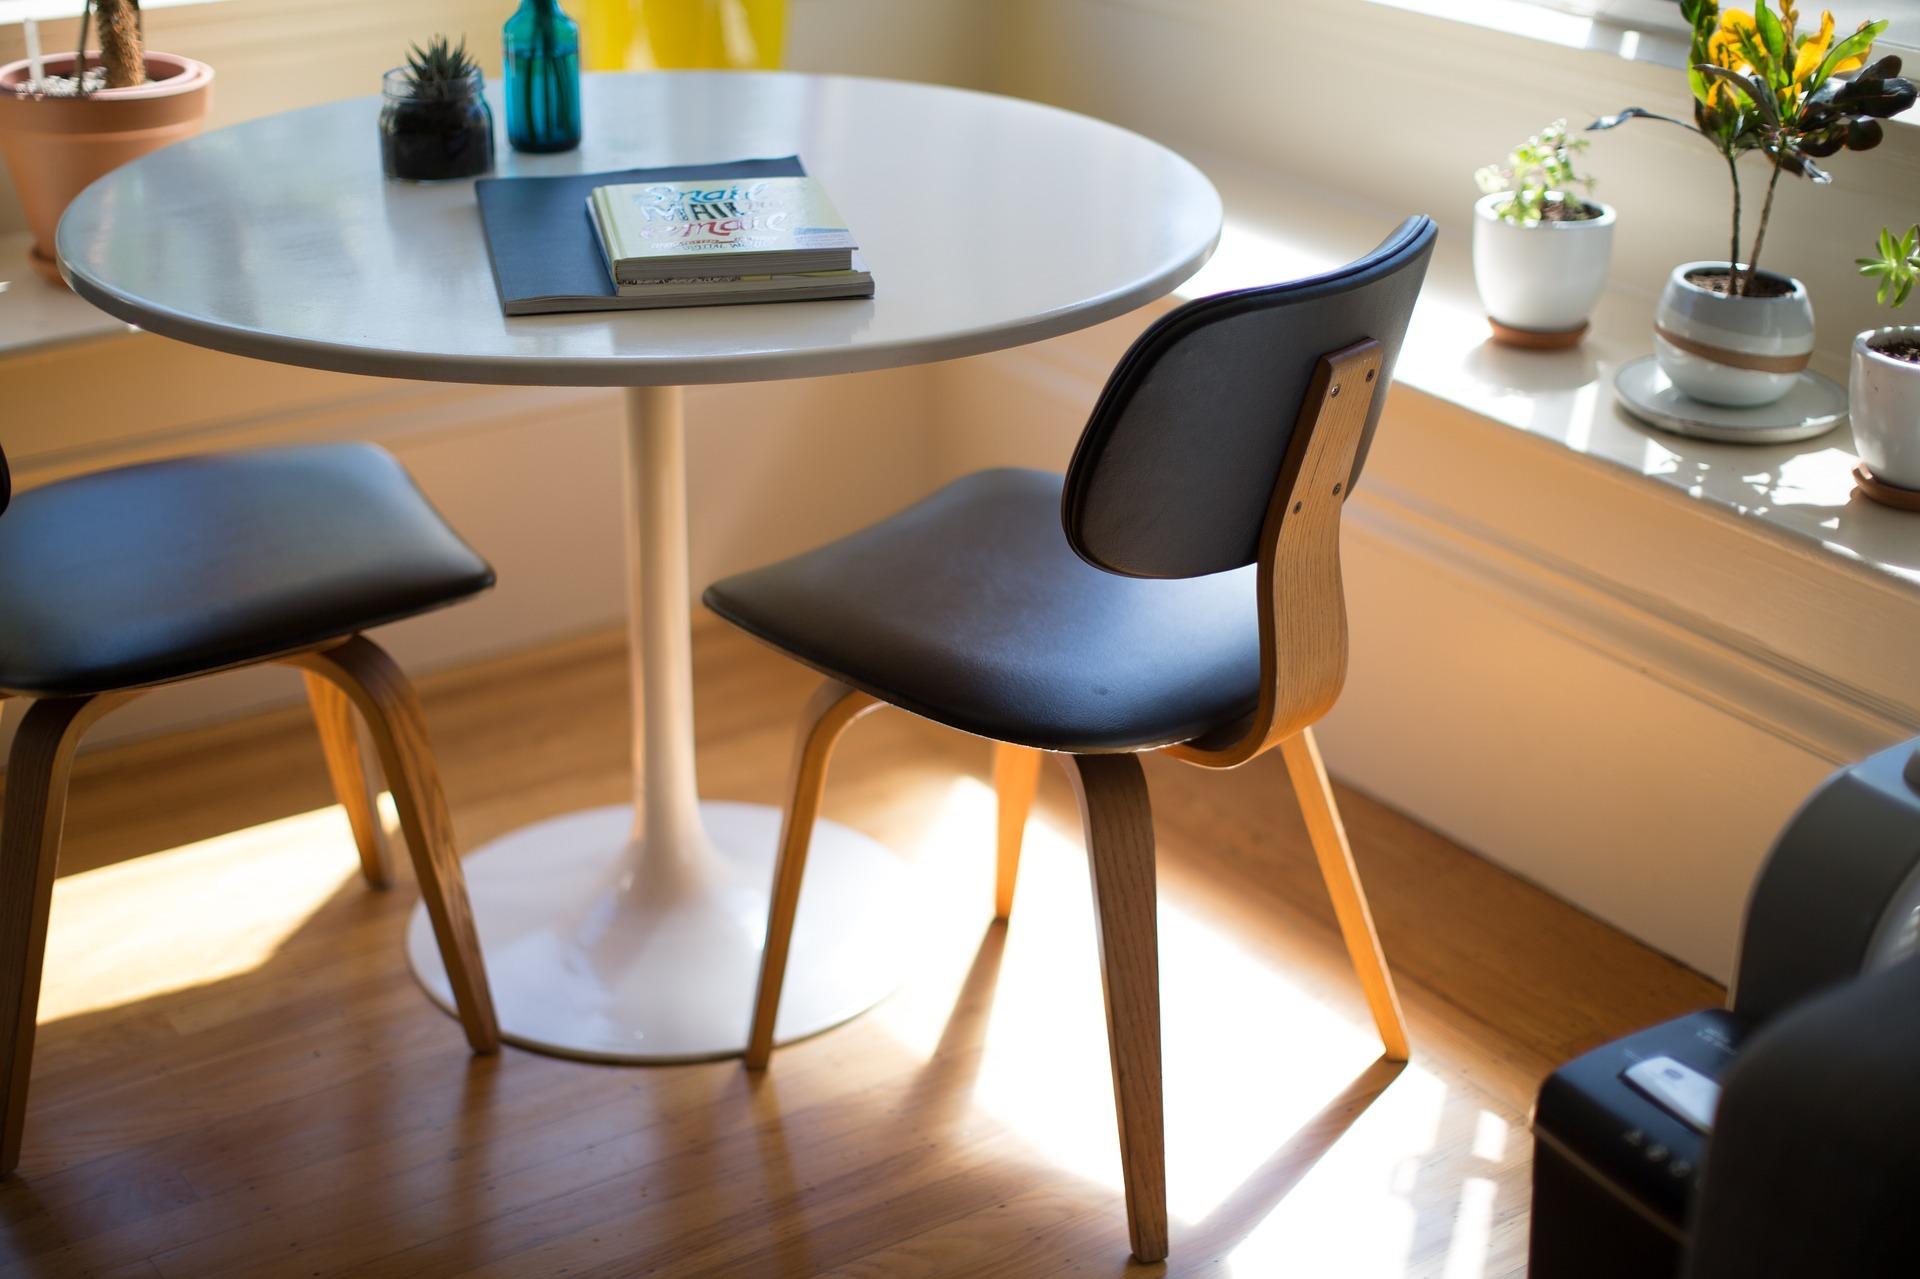 生活家具網路戰役開打,IKEA與淘寶價格佔據優勢